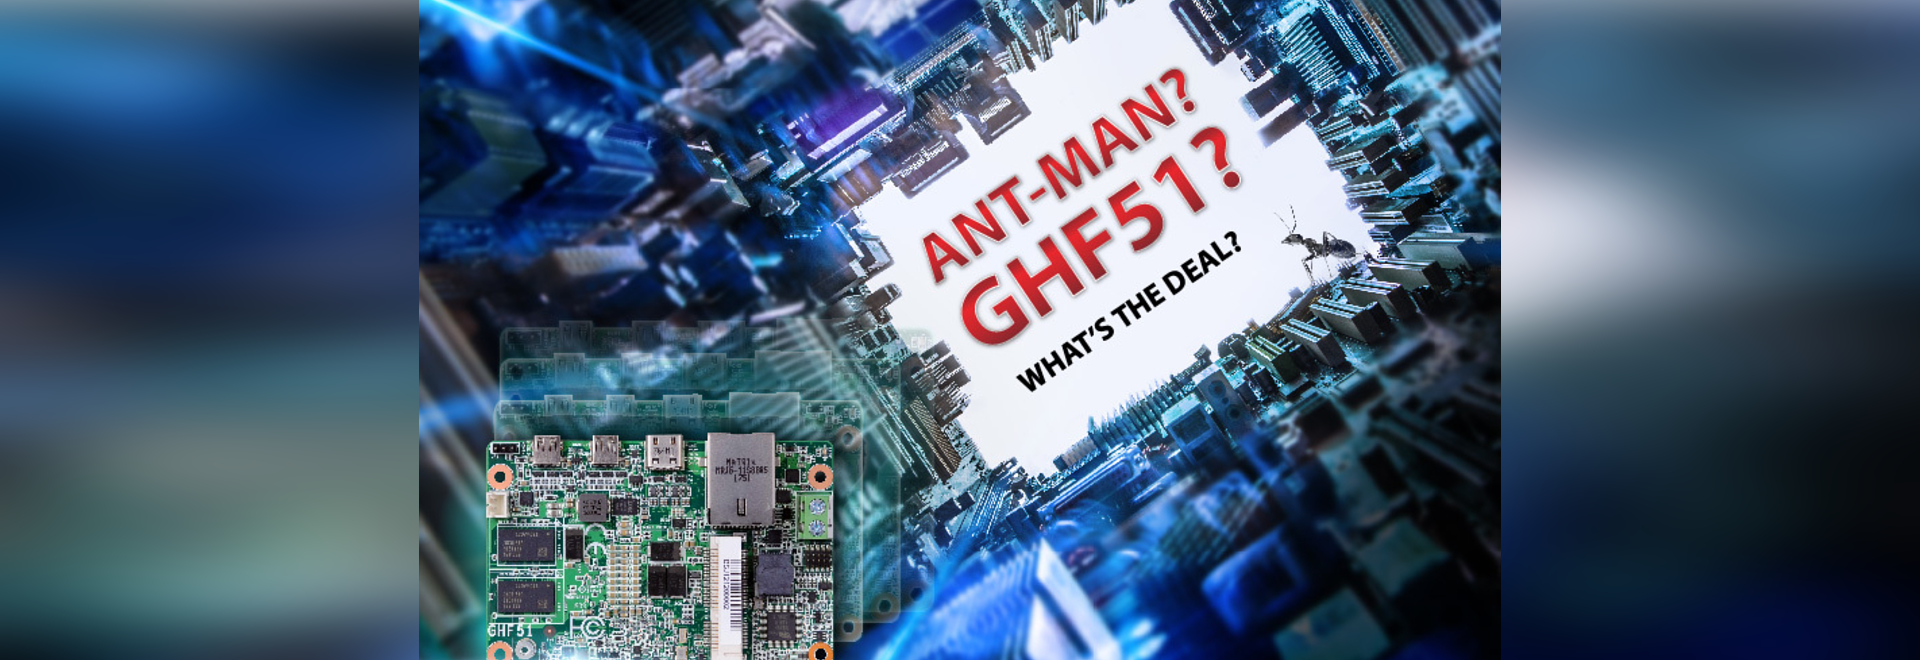 """Un homme fourmi ? GHF51 ? Quel est le problème ? Le dernier SBC 1.8"""" de la DFI va bouleverser votre vision de l'Edge"""